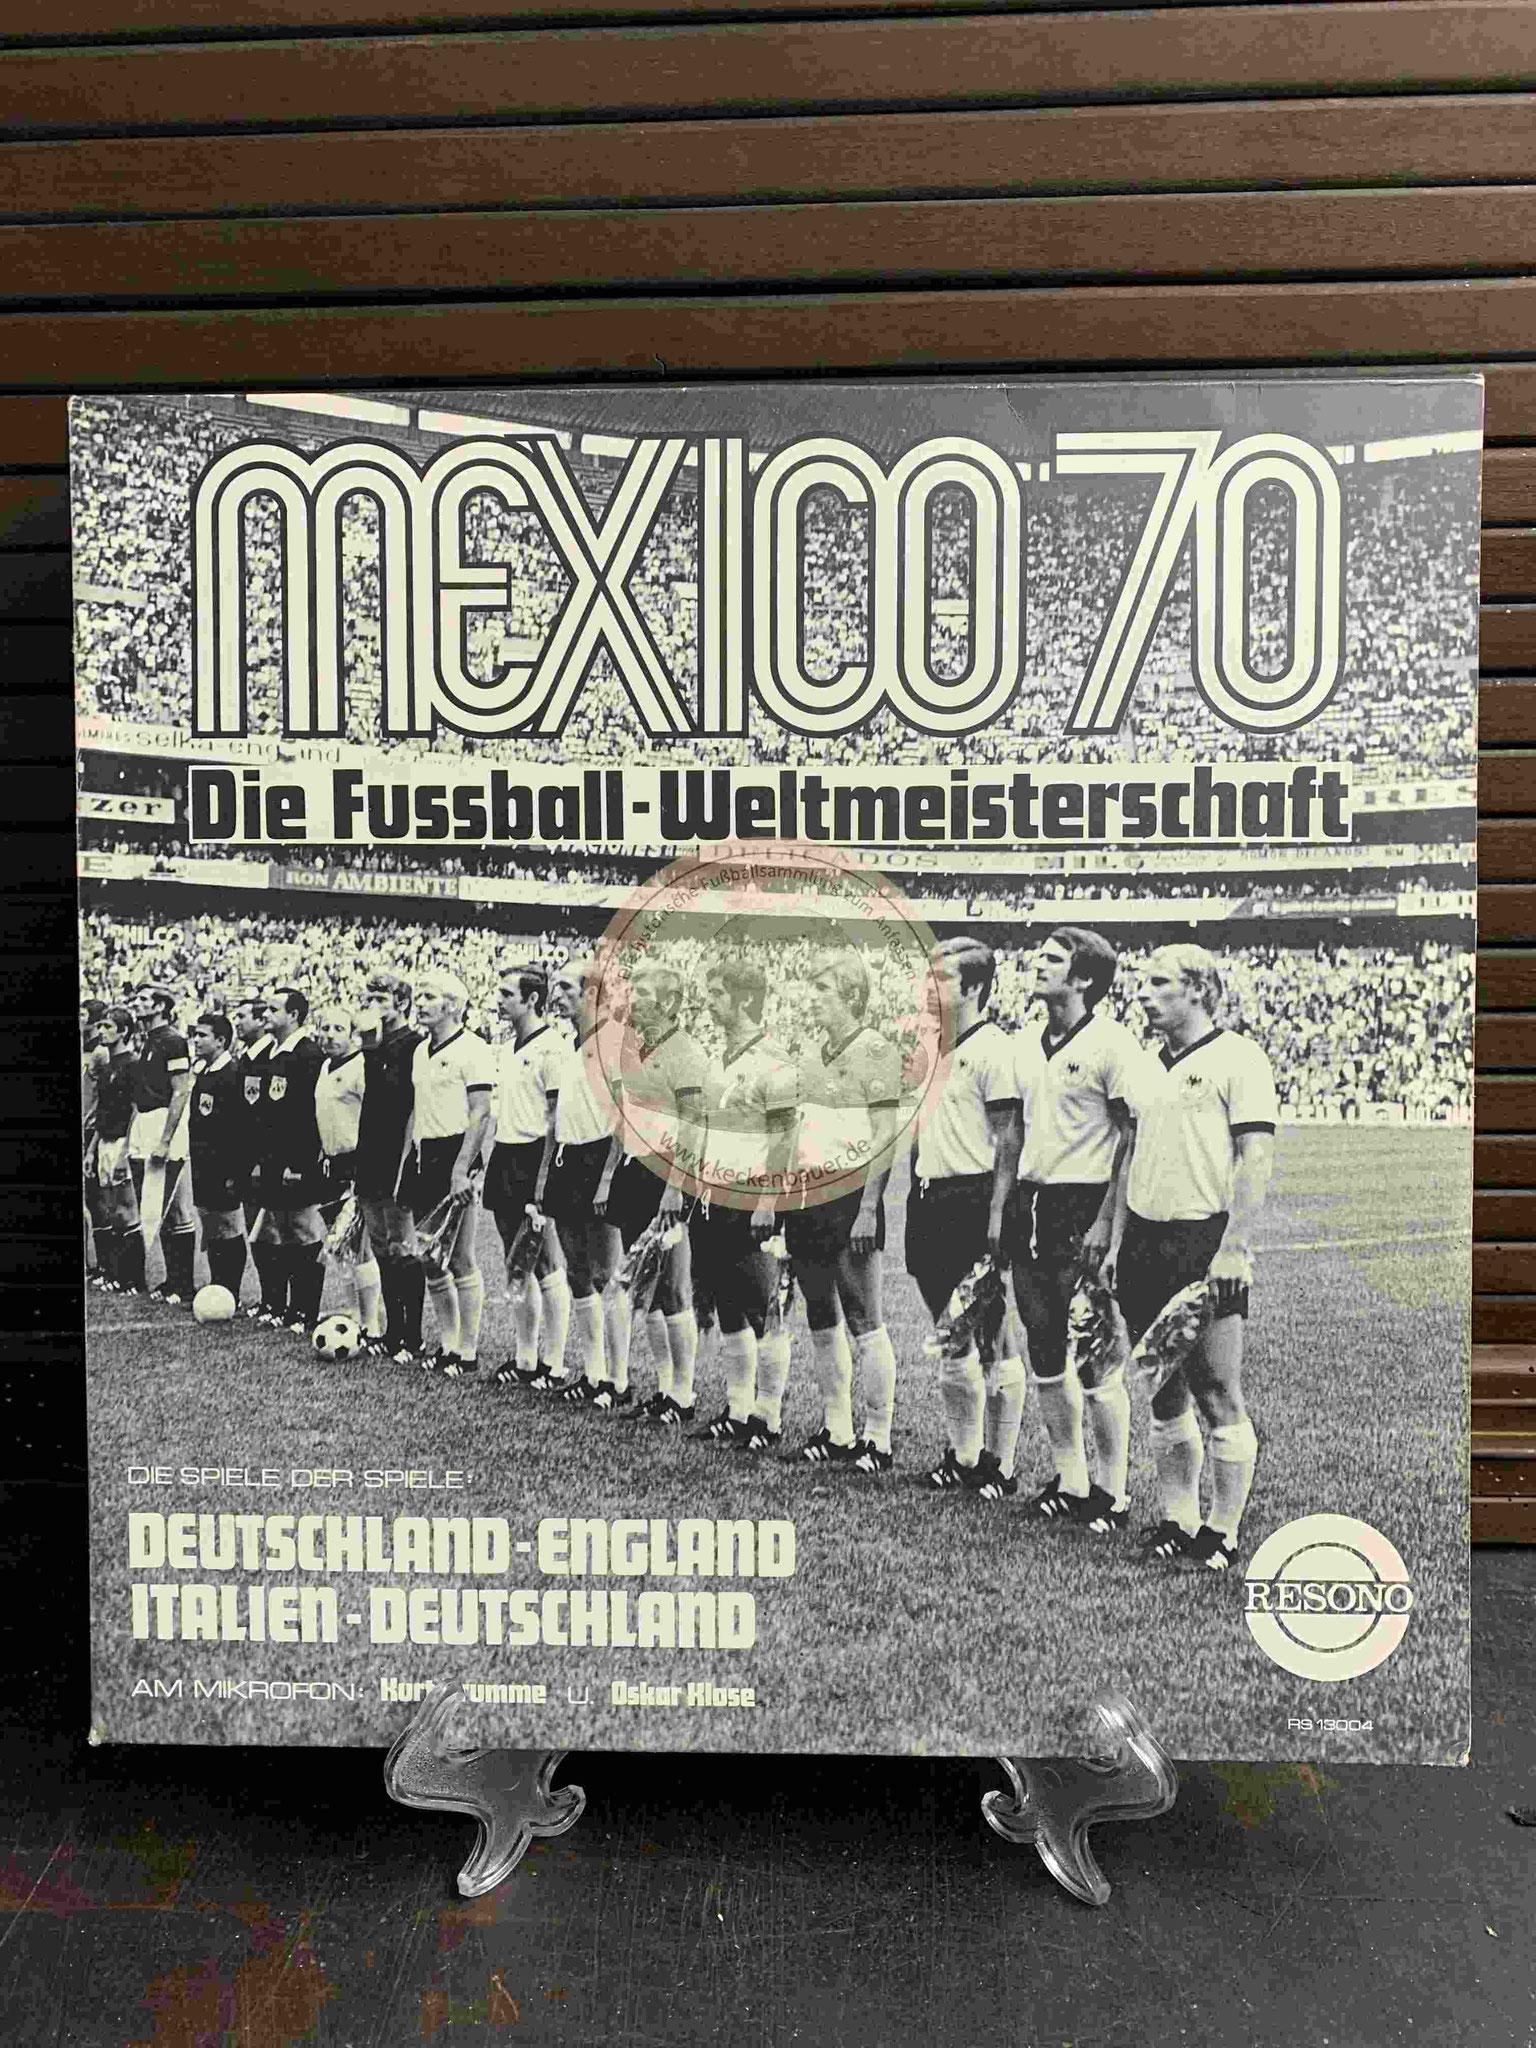 1970 Mexico 70 Die Fussball-Weltmeisterschaft s/w